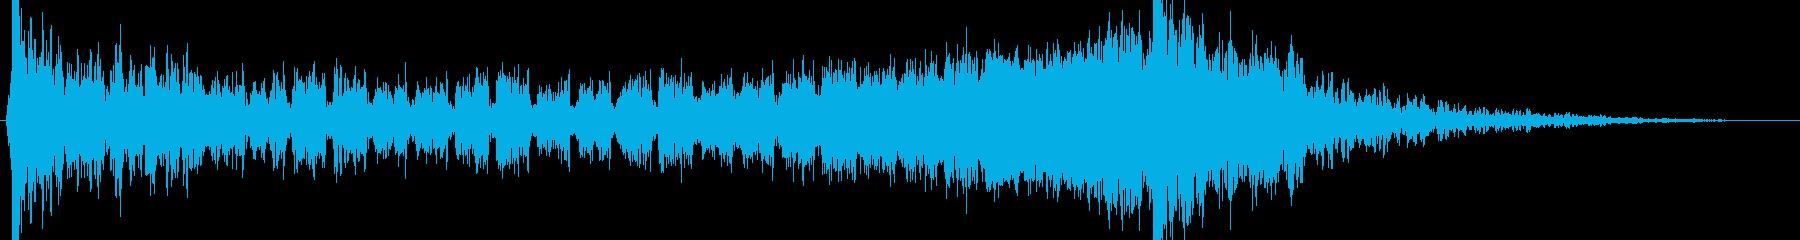 壮大でヒロイックなエピックサウンドロゴの再生済みの波形